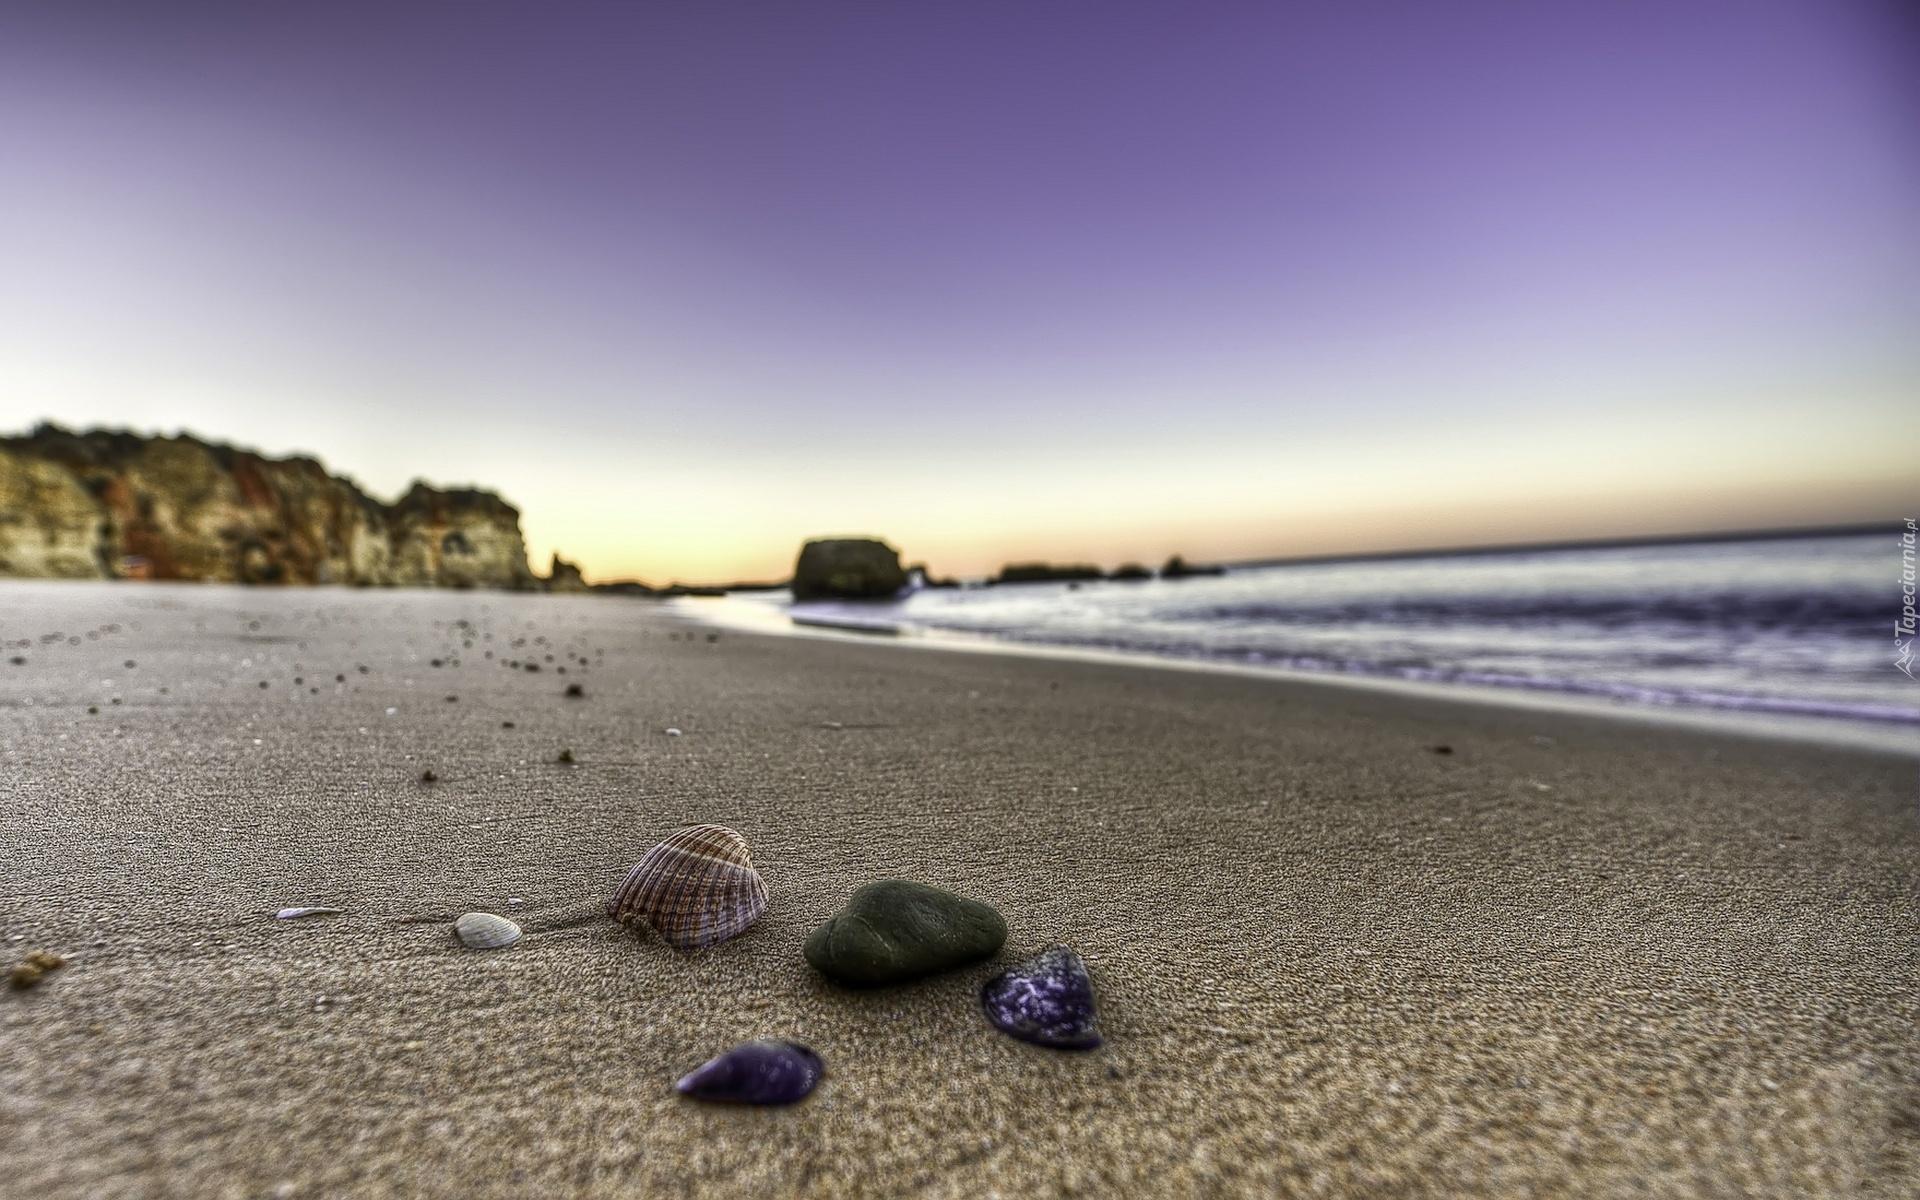 берег песок shore sand скачать